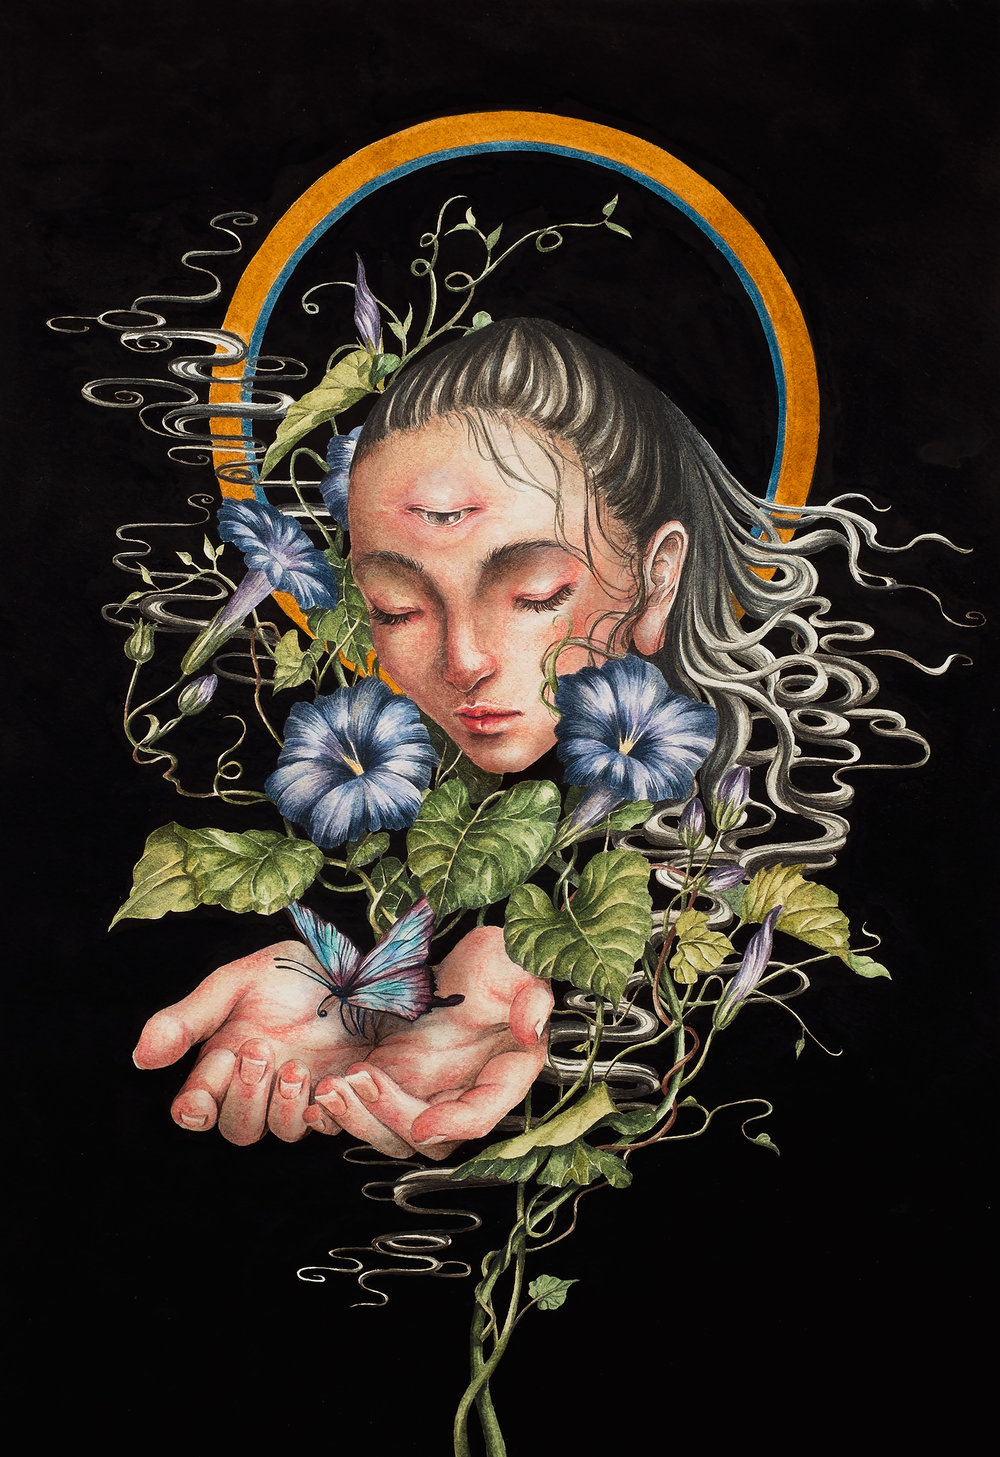 'Interminable dreams'